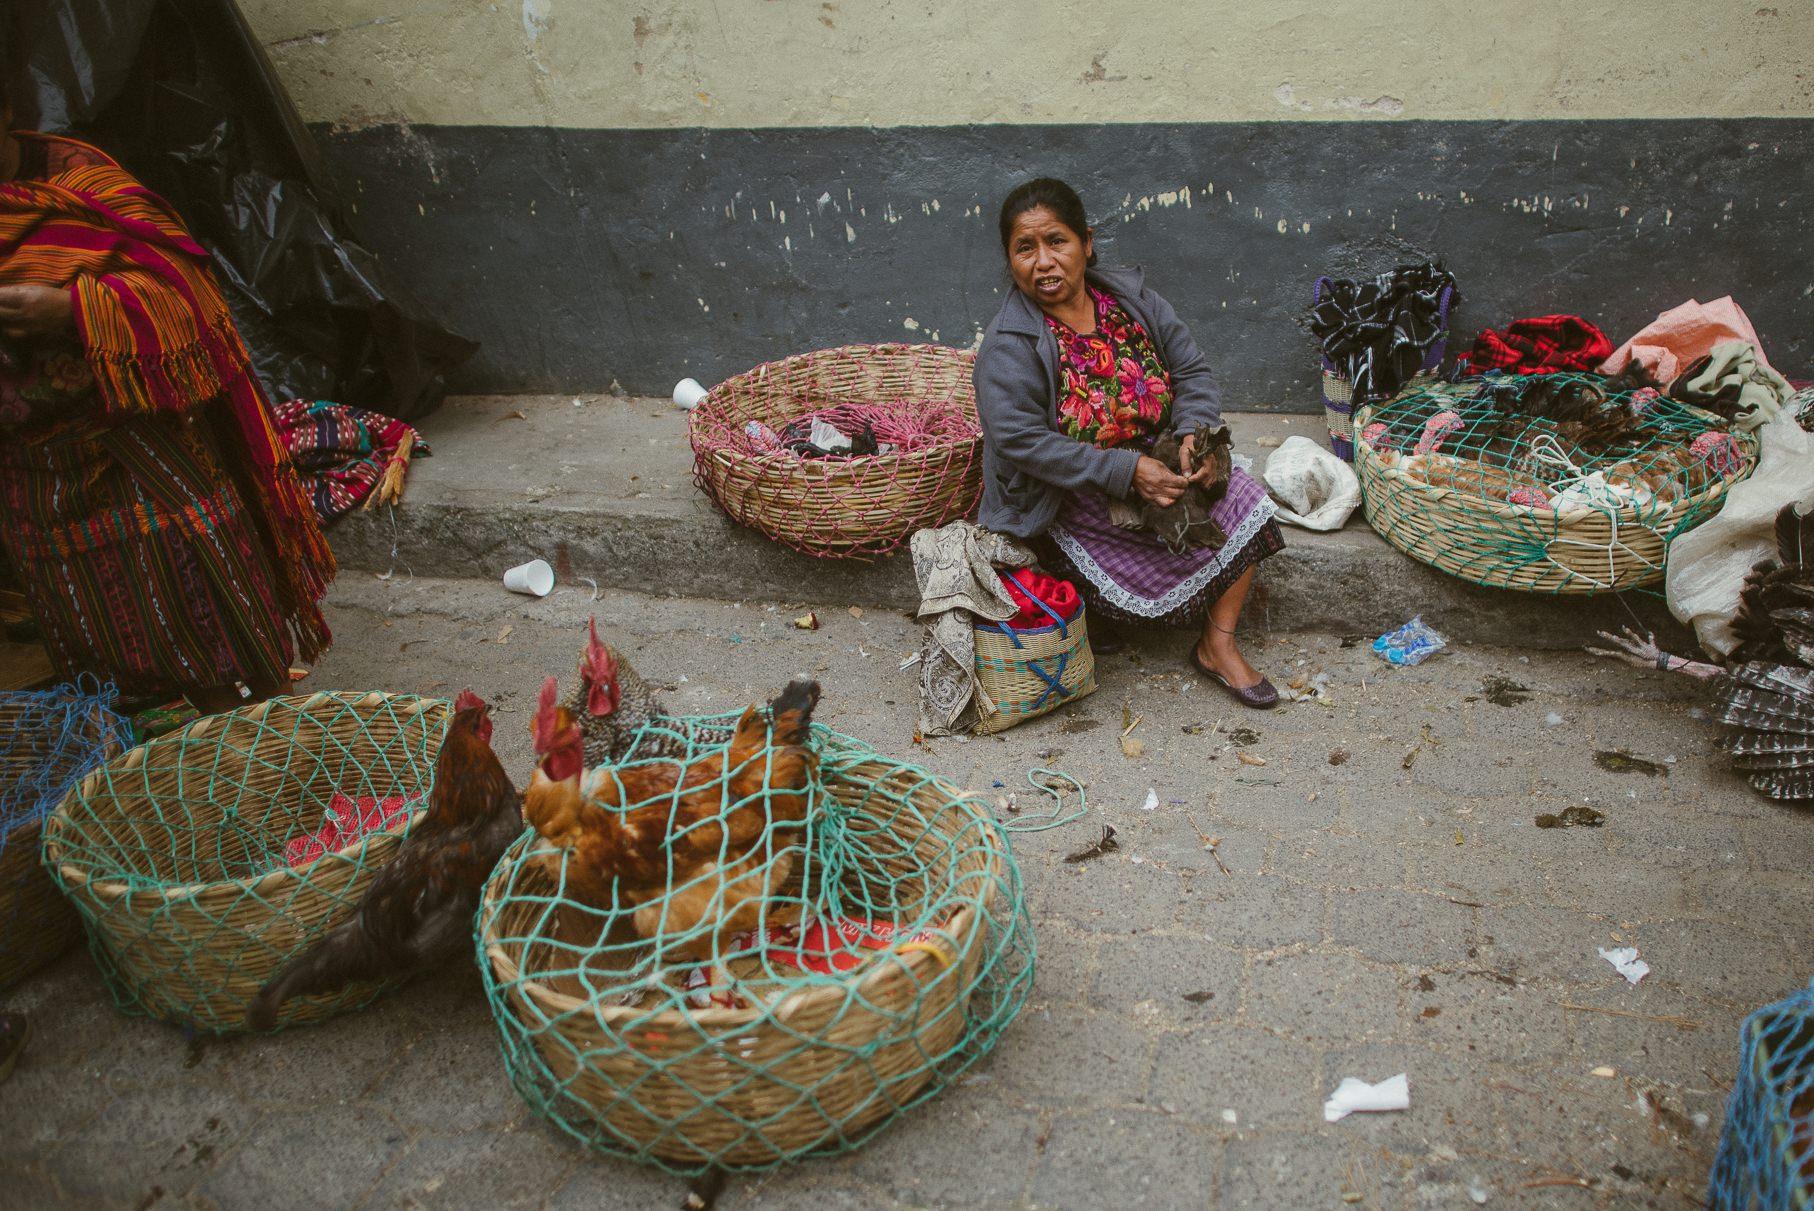 0137 anne und bjoern guatemala d75 2628 - 4 Wochen durch Guatemala - backpacking durch Mittelamerika